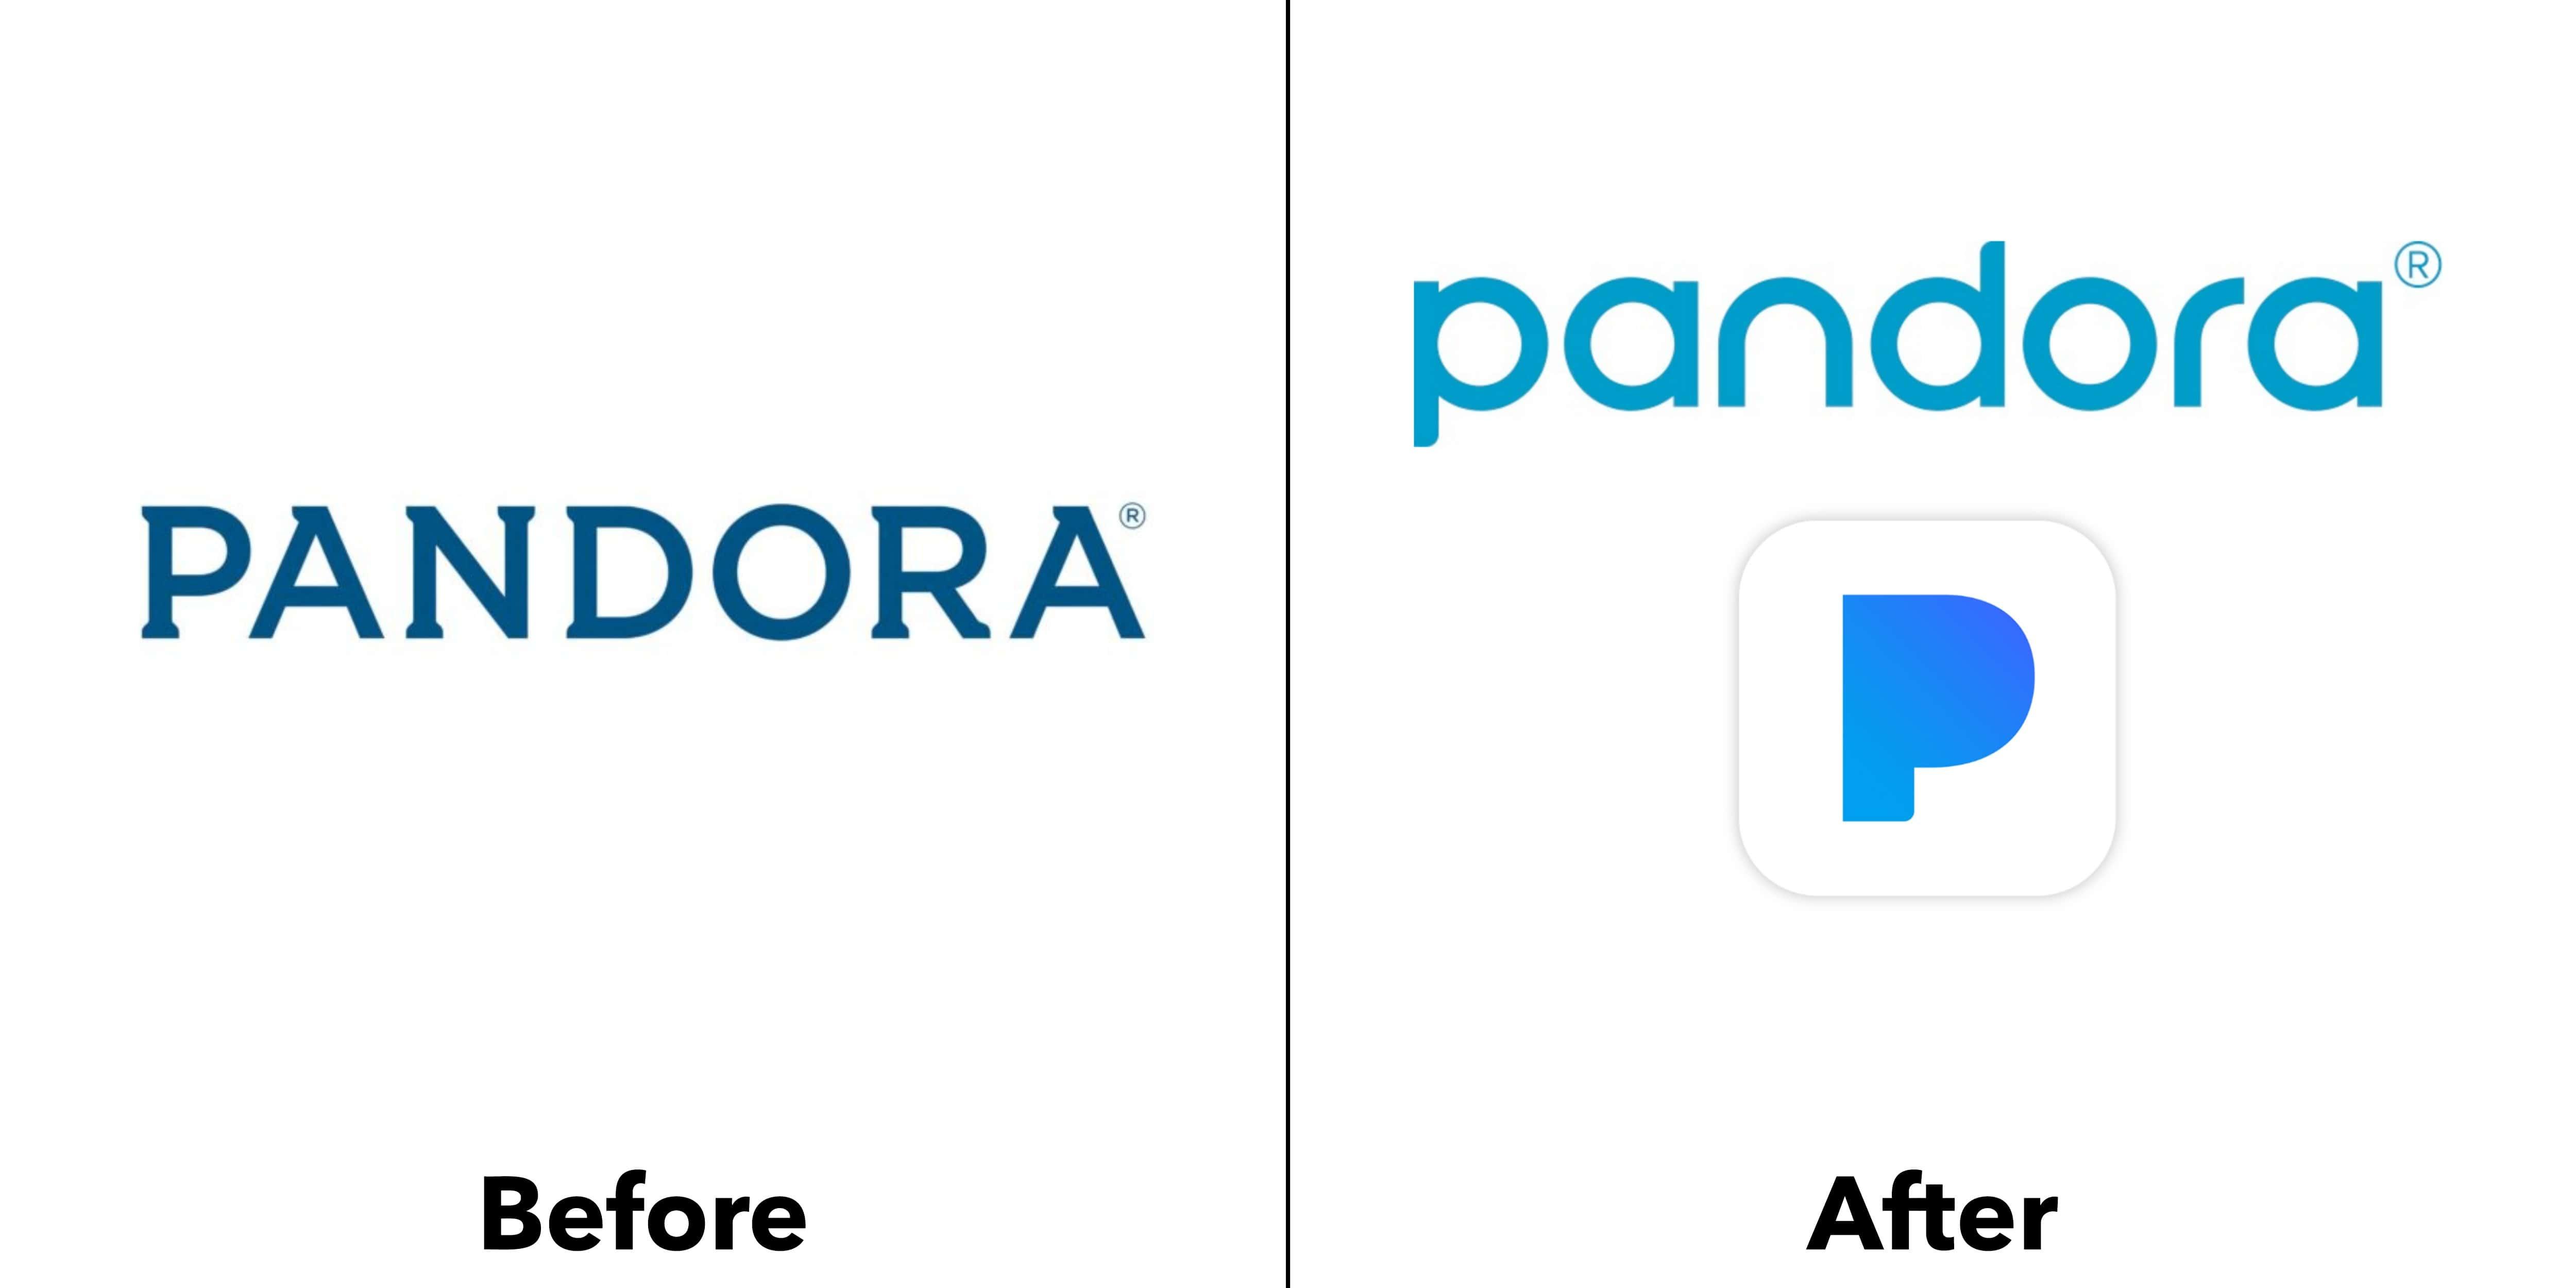 logo pandora trước và sau